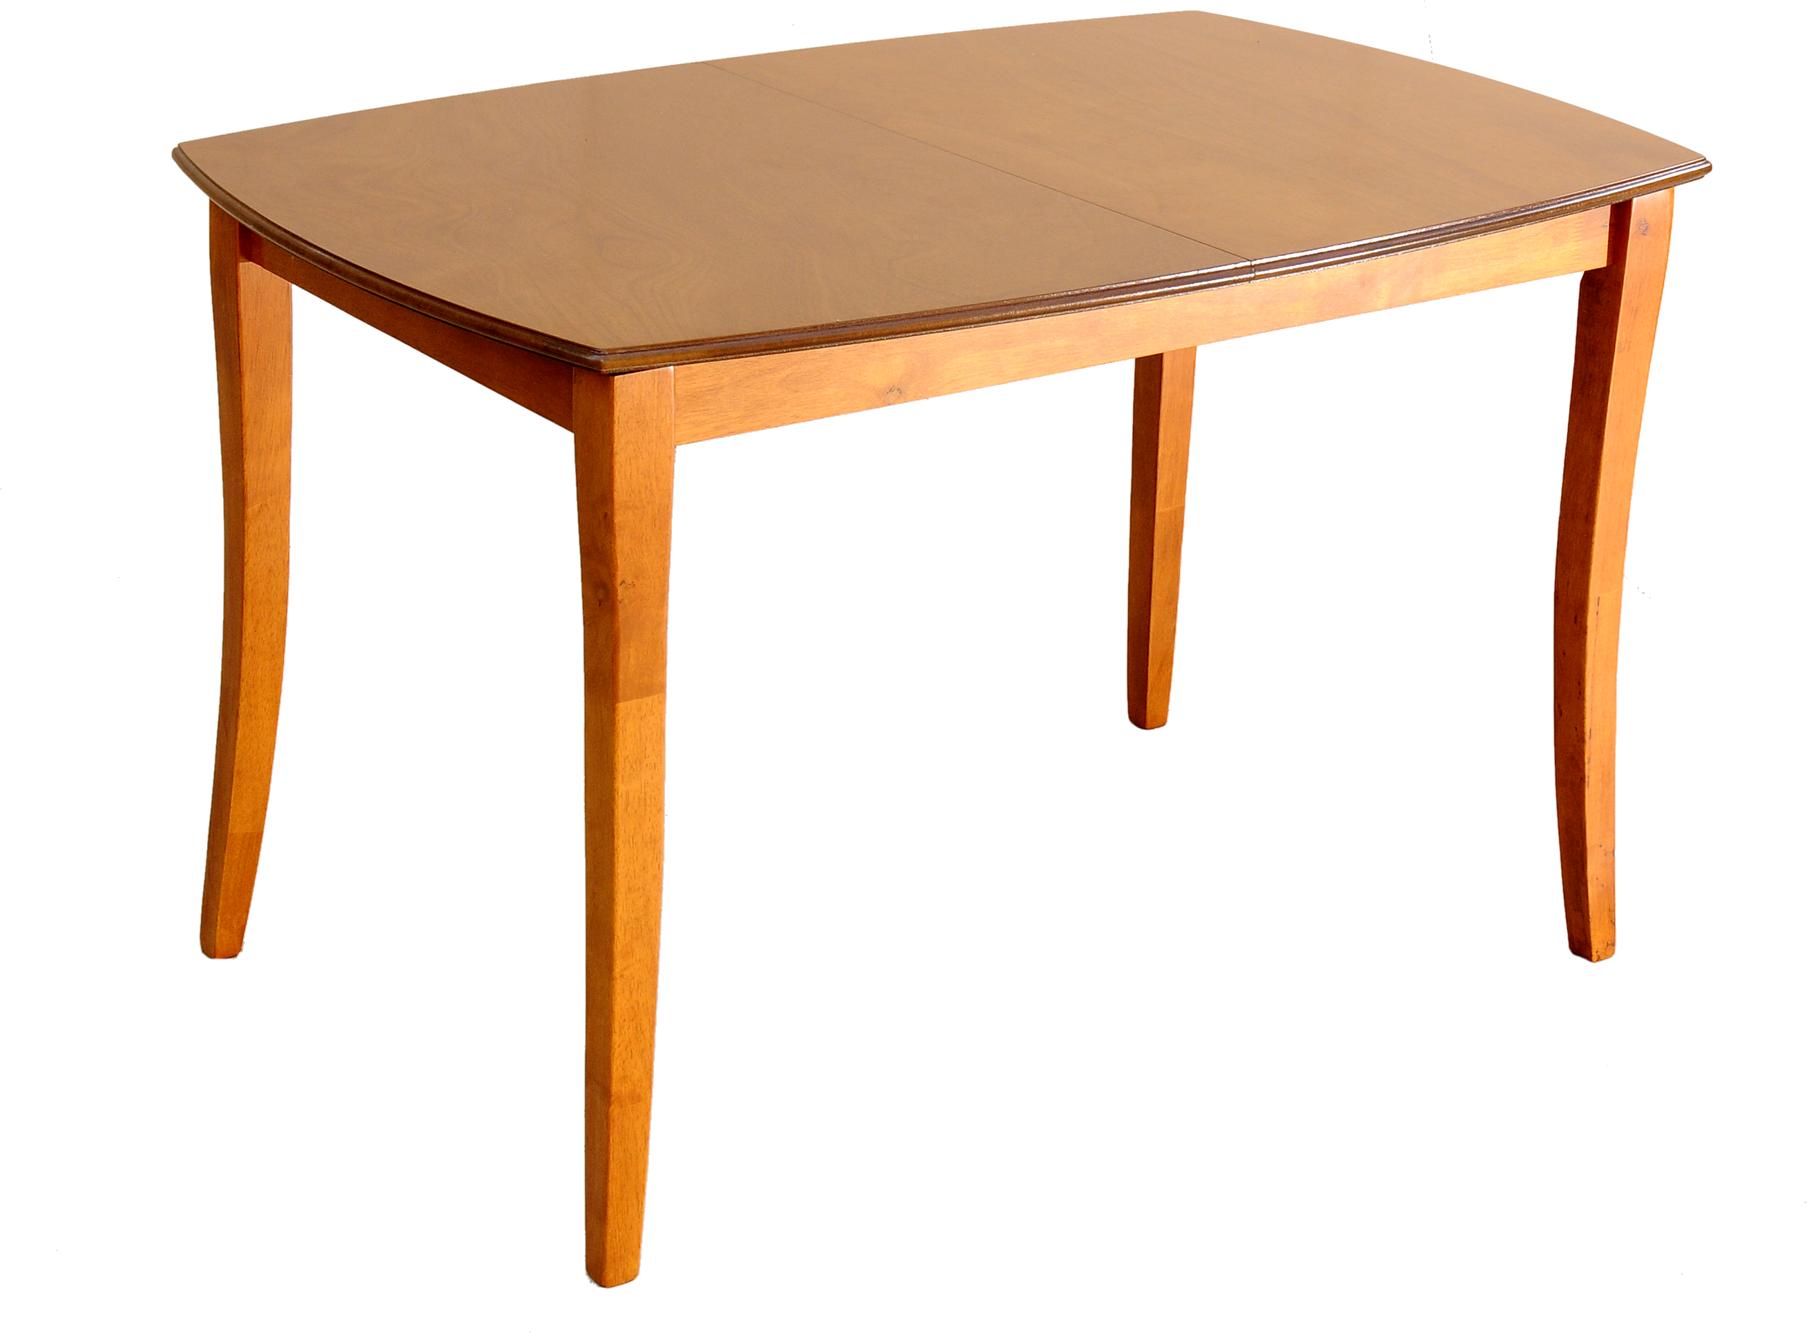 1807x1333 Tables Clip Art Clipart Panda